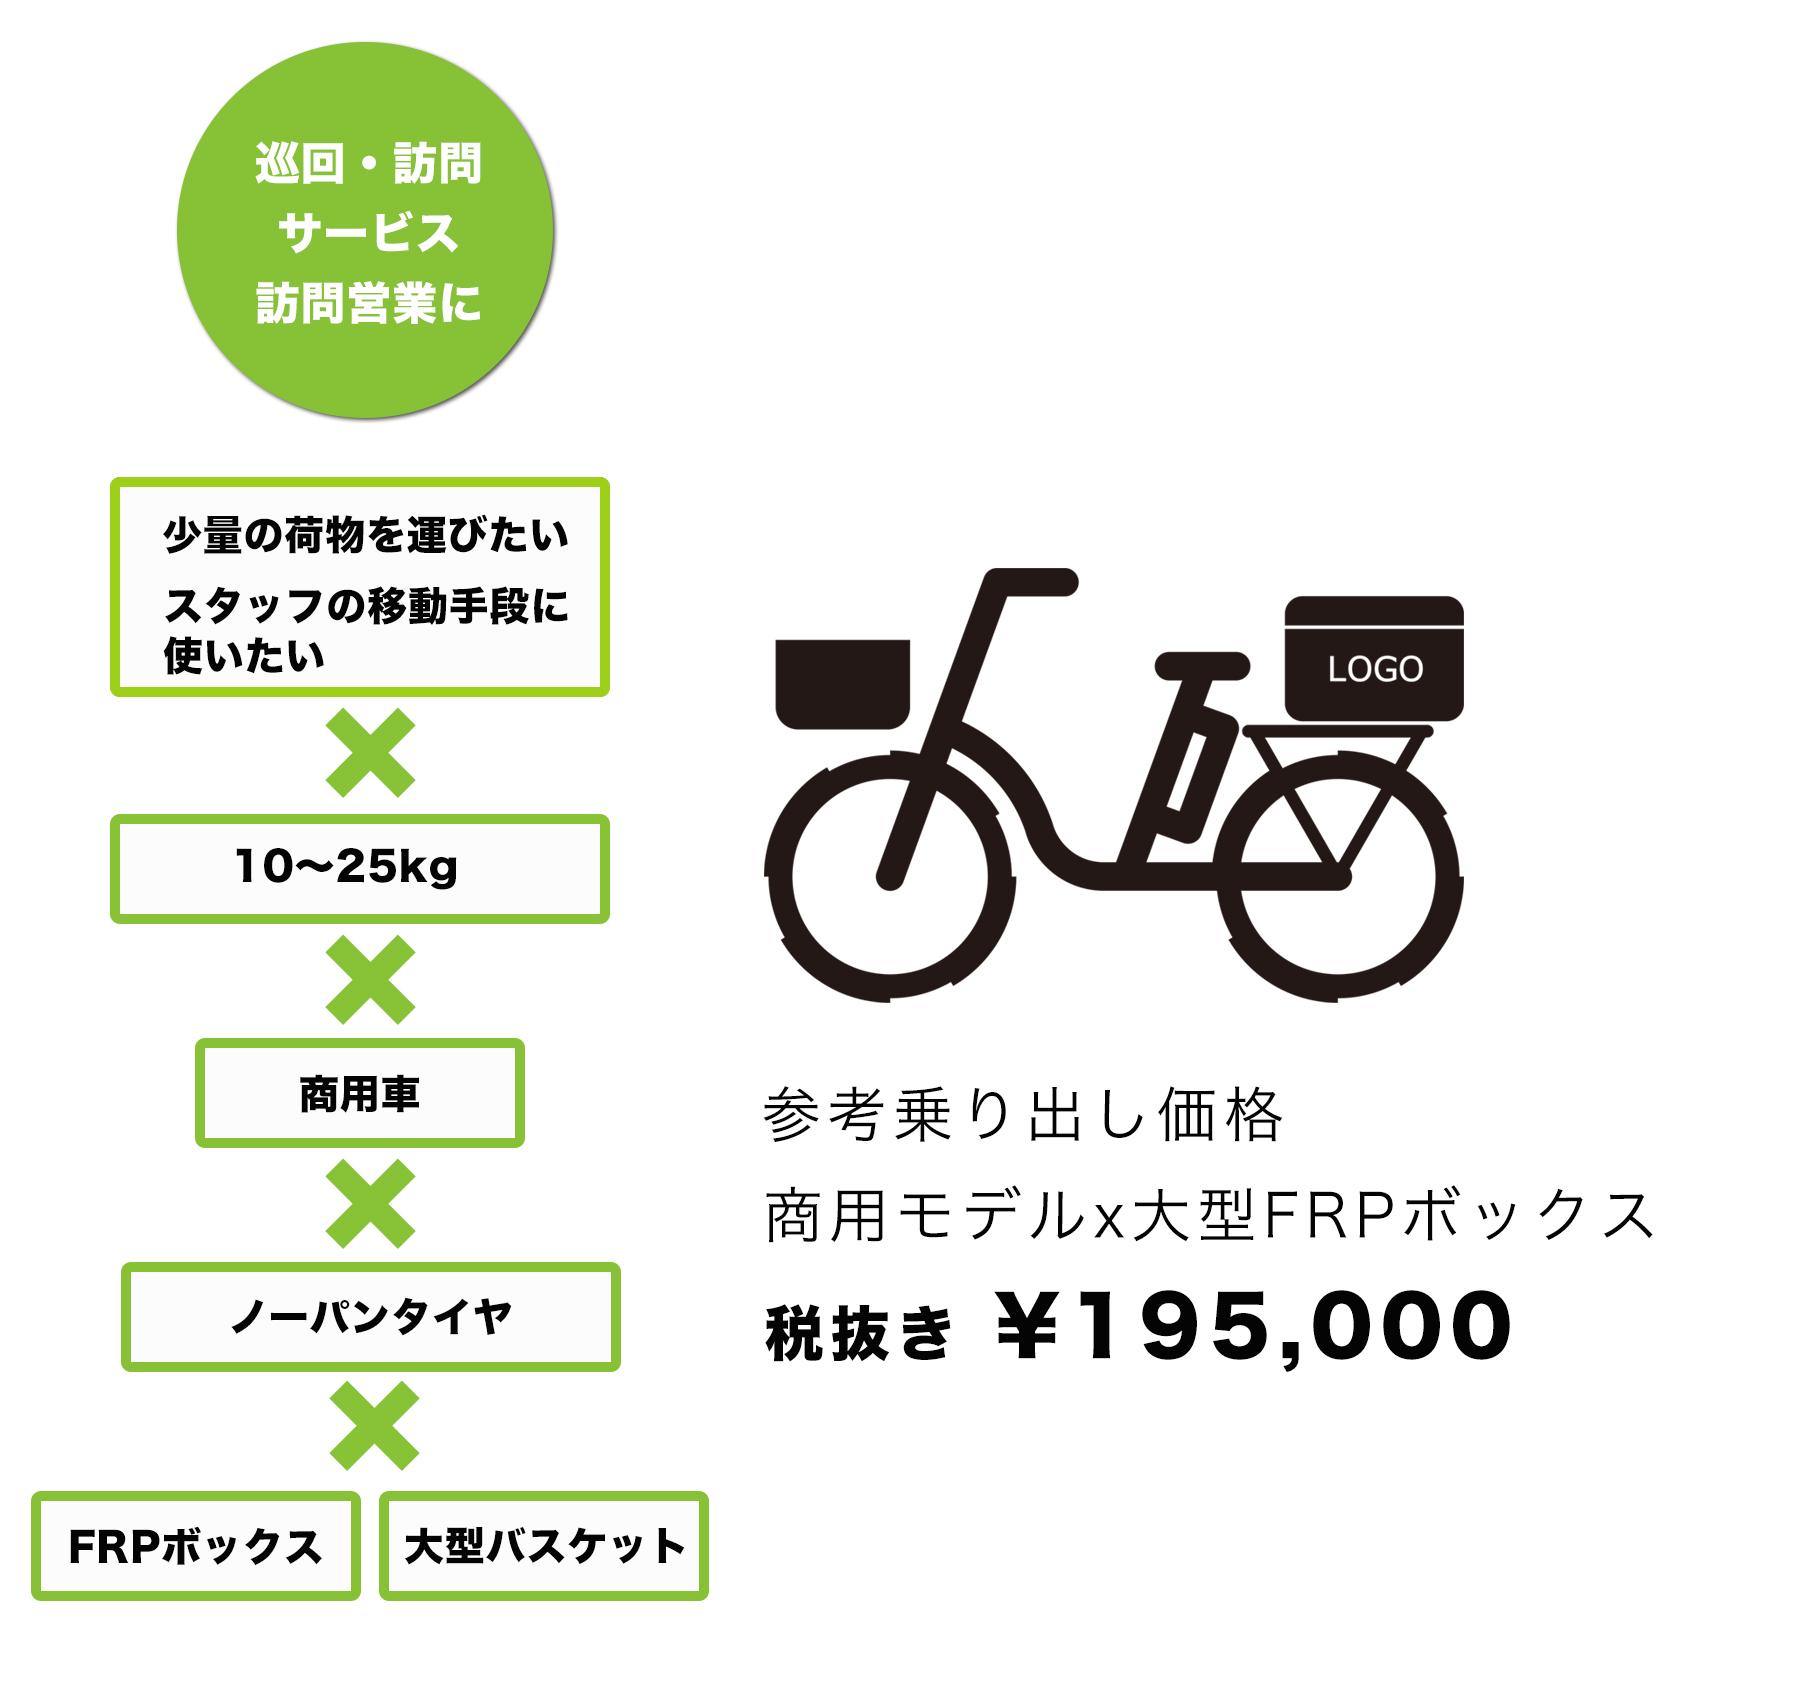 巡回・訪問サービス 訪問営業に|参考乗り出し価格195000円|電動アシスト自転車専門店オギヤマサイクル